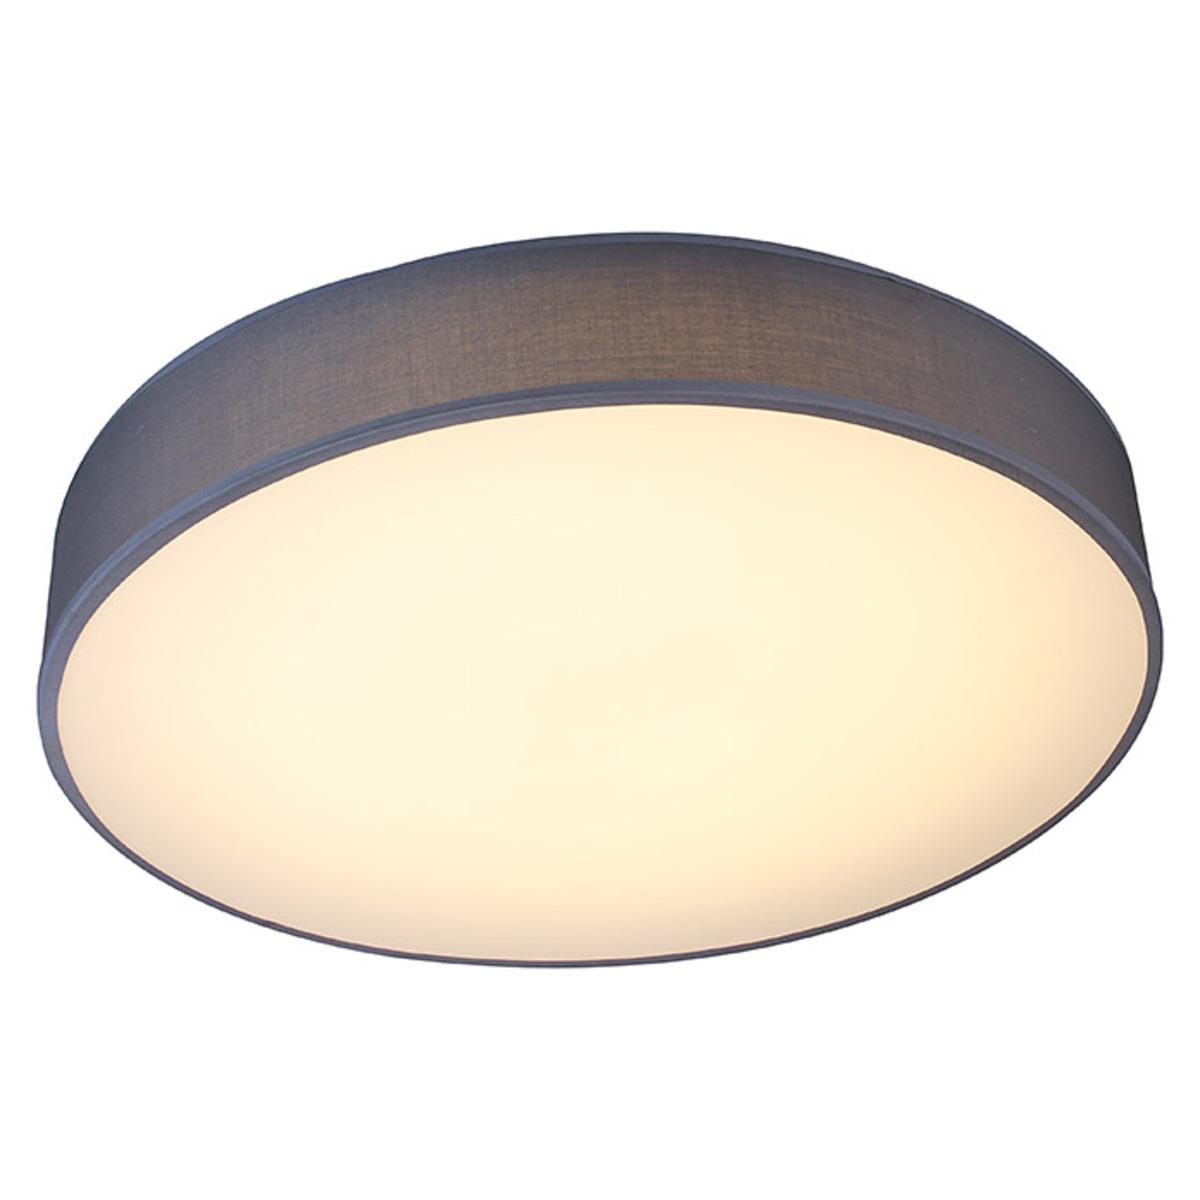 Bild 2 von Tween Light LED-Deckenleuchte Mandas